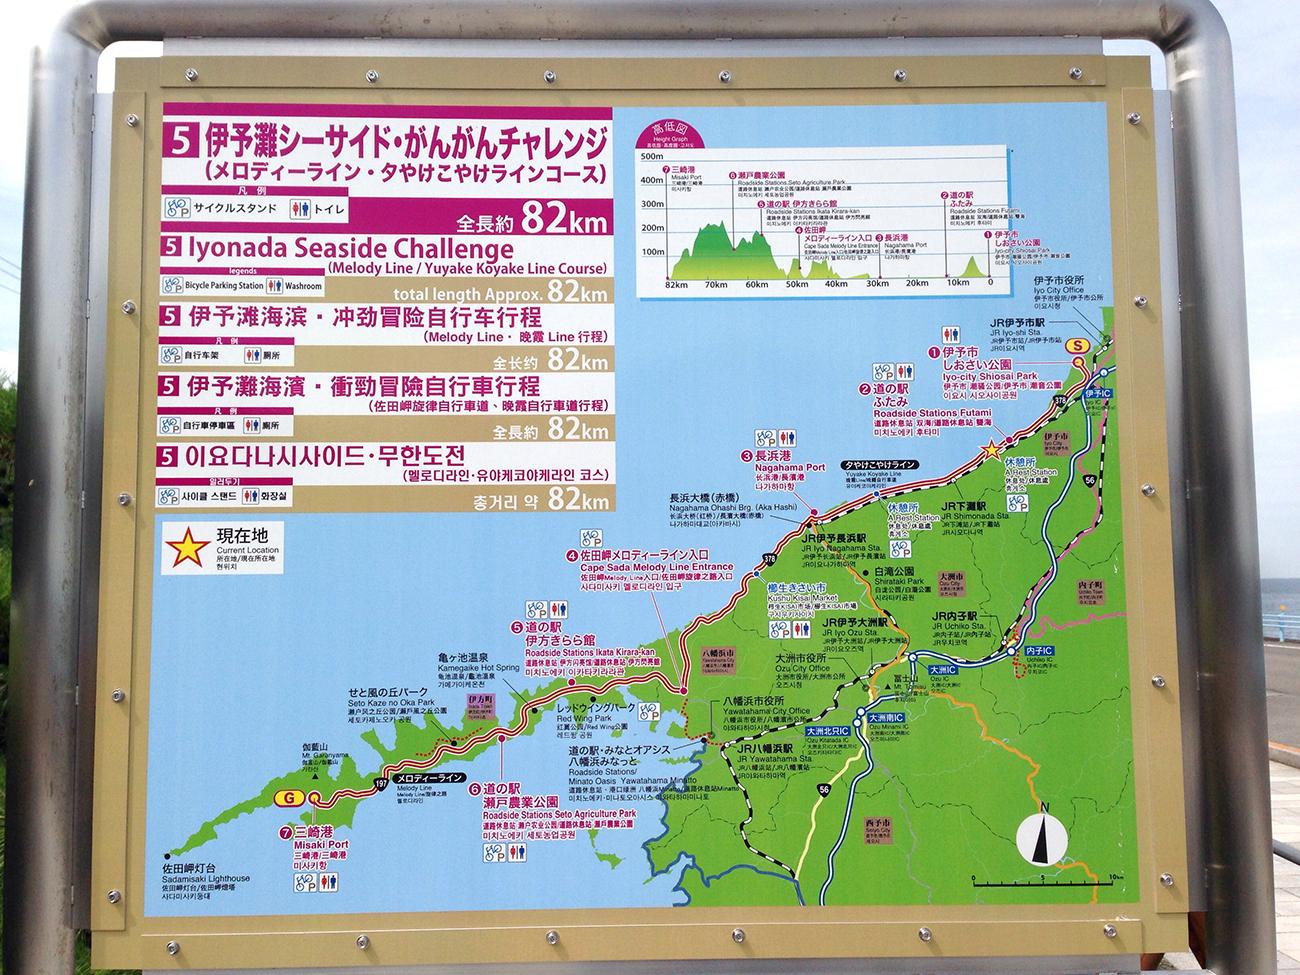 伊予灘シーサイド・がんがんチャレンジコースマップ